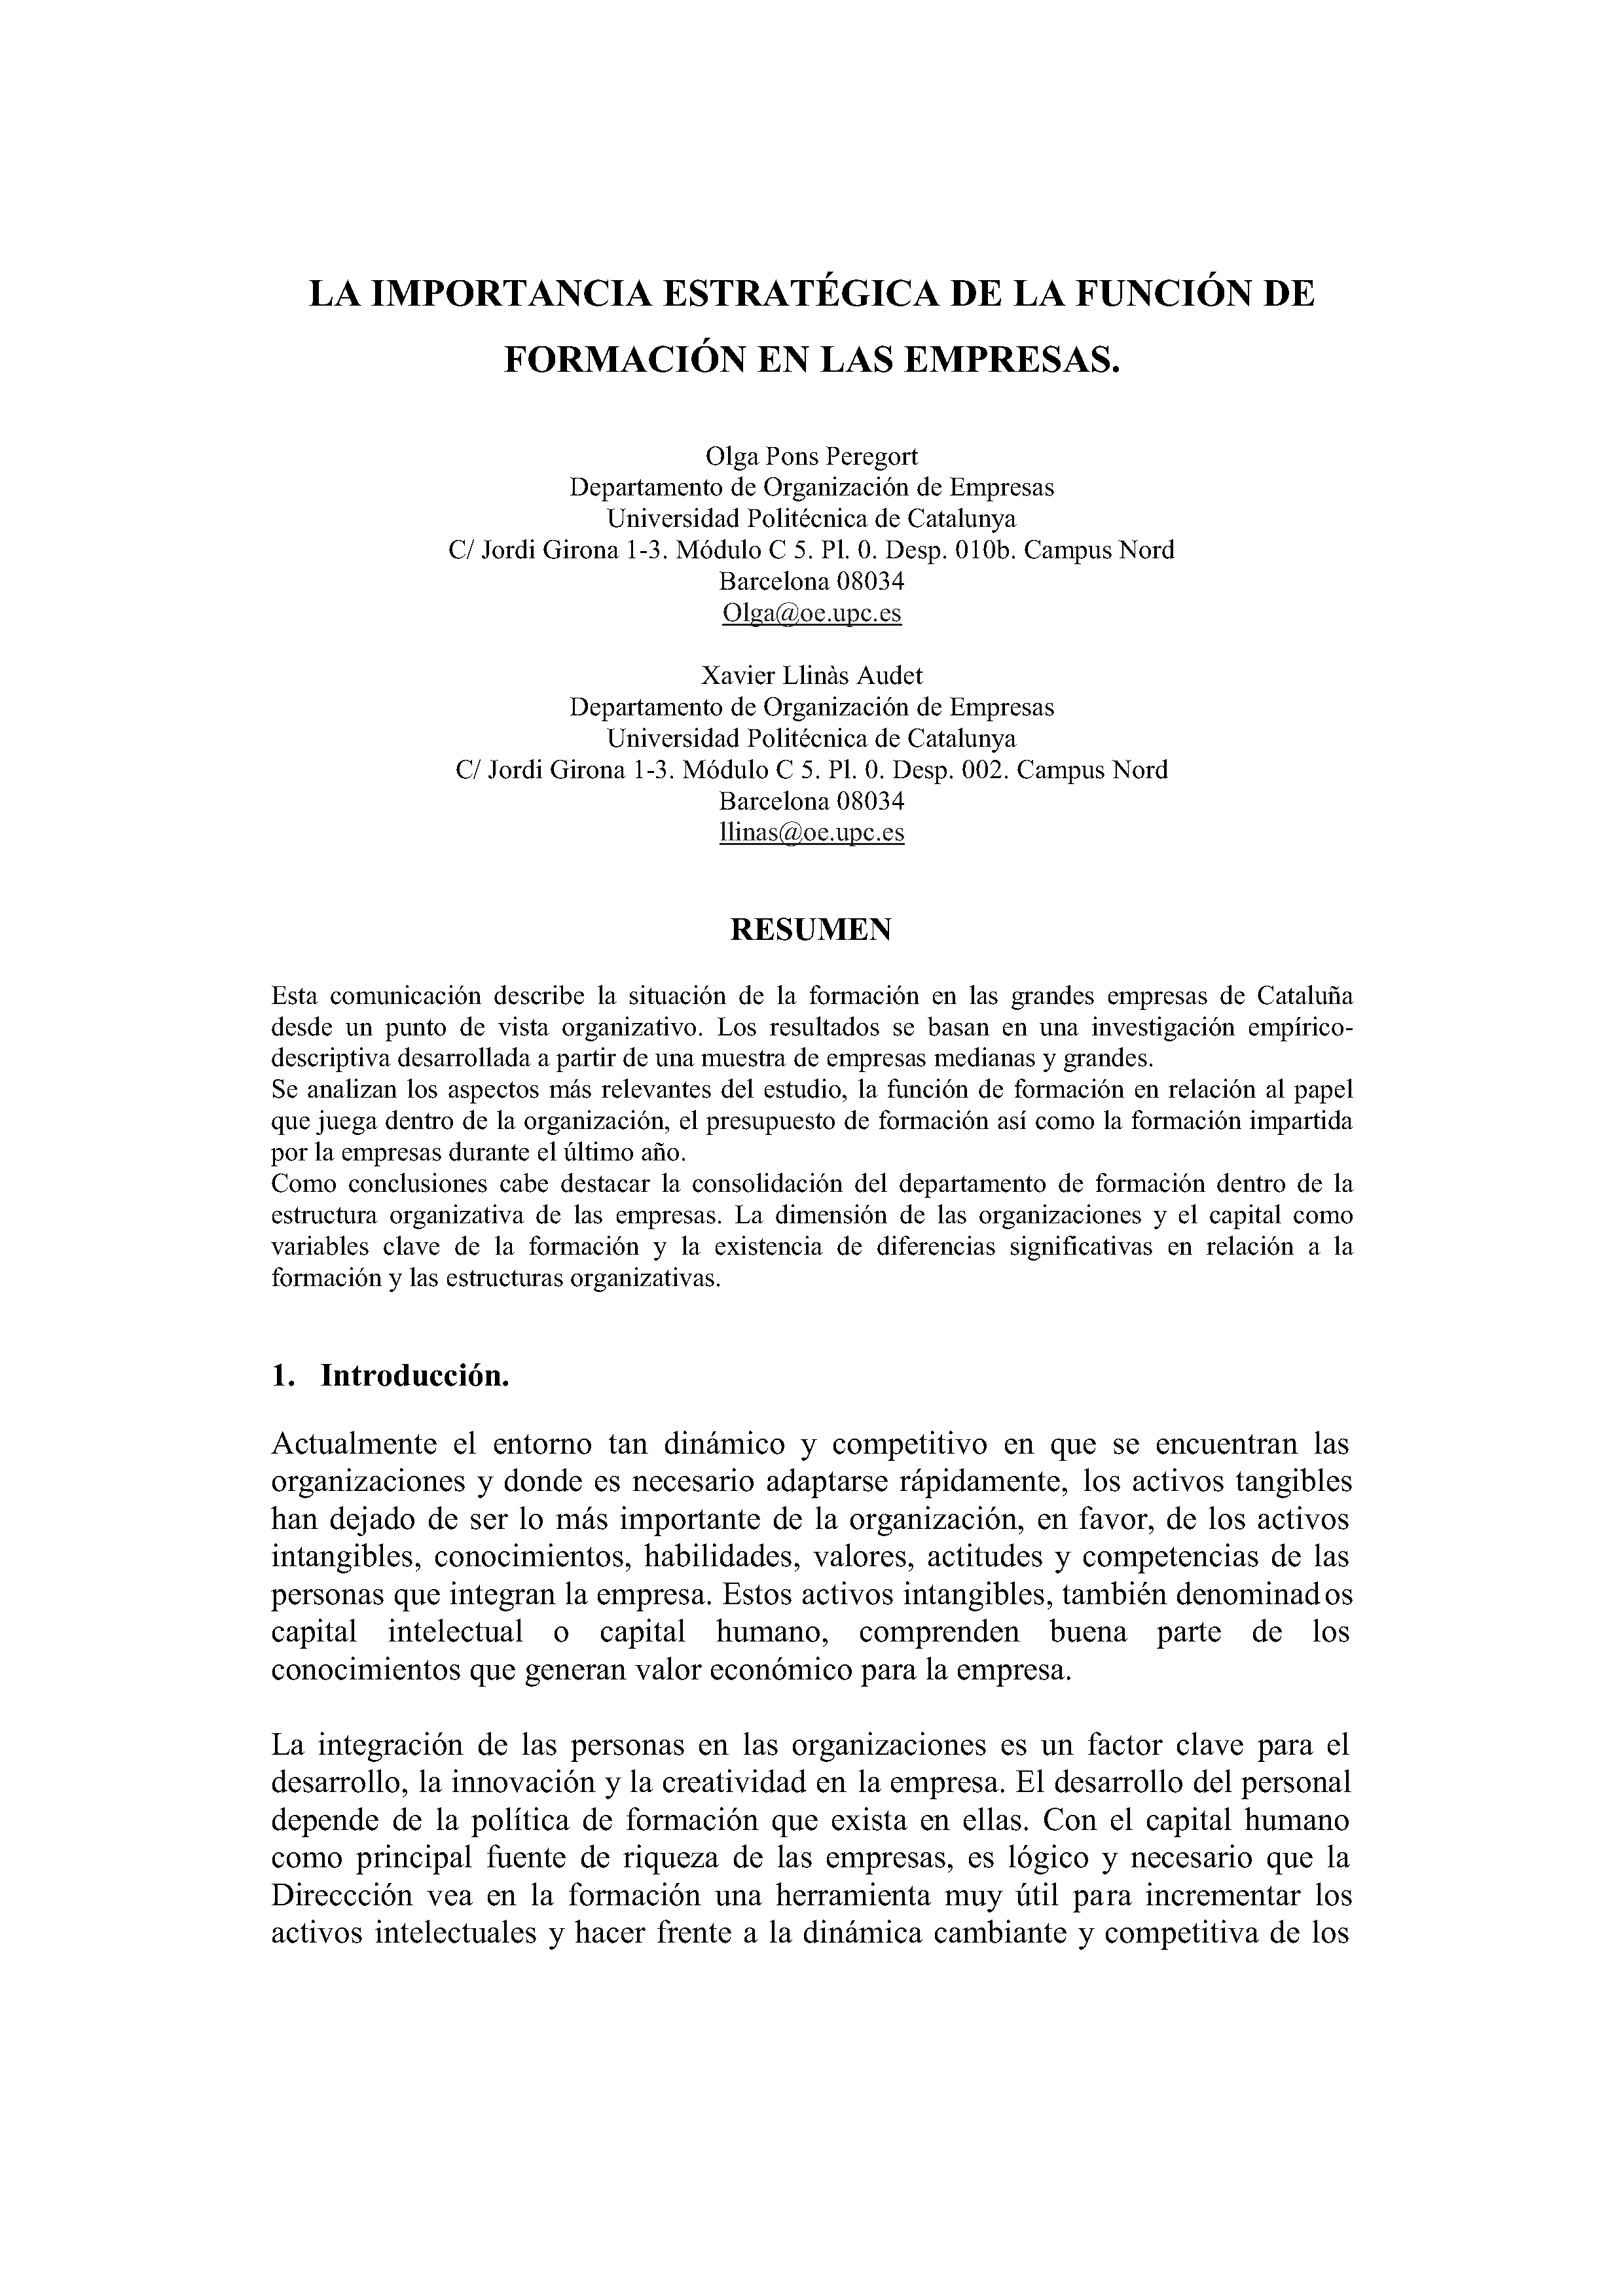 LA IMPORTANCIA ESTRATÉGICA DE LA FUNCIÓN DE FORMACIÓN EN LAS EMPRESAS.